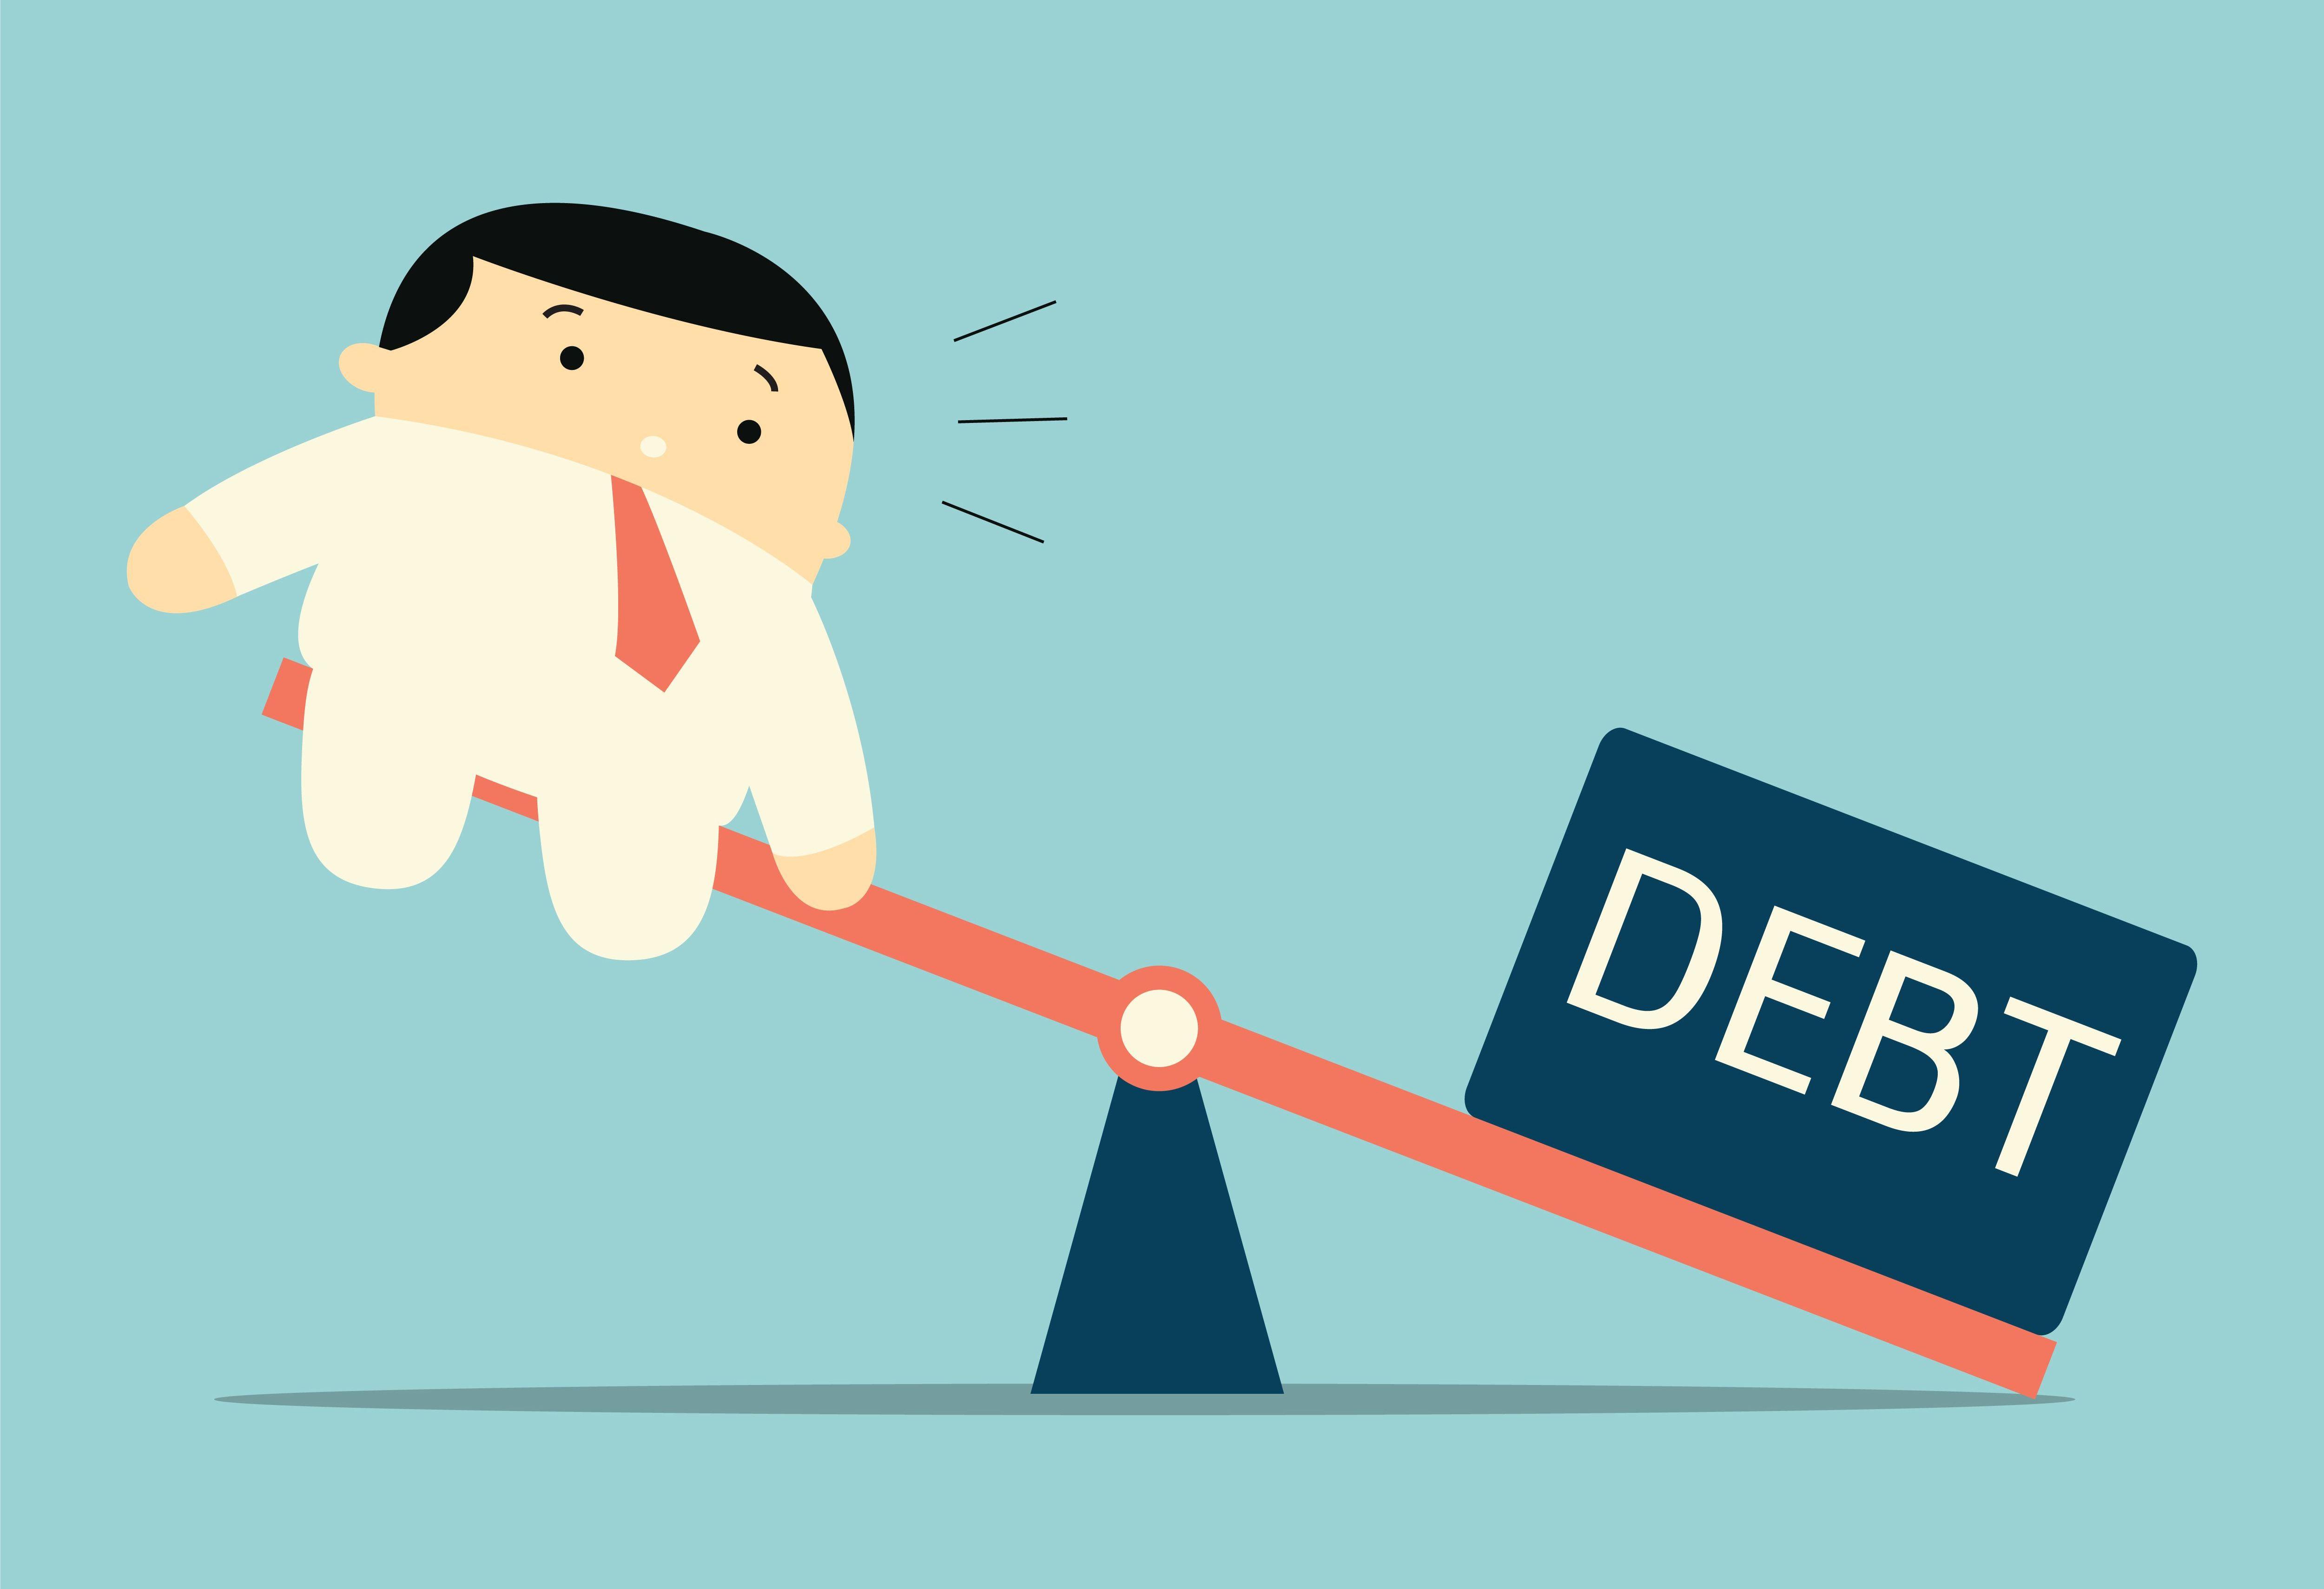 Հայաստանի կառավարության պարտքը. փաստացի թվեր և կանխատեսումներ